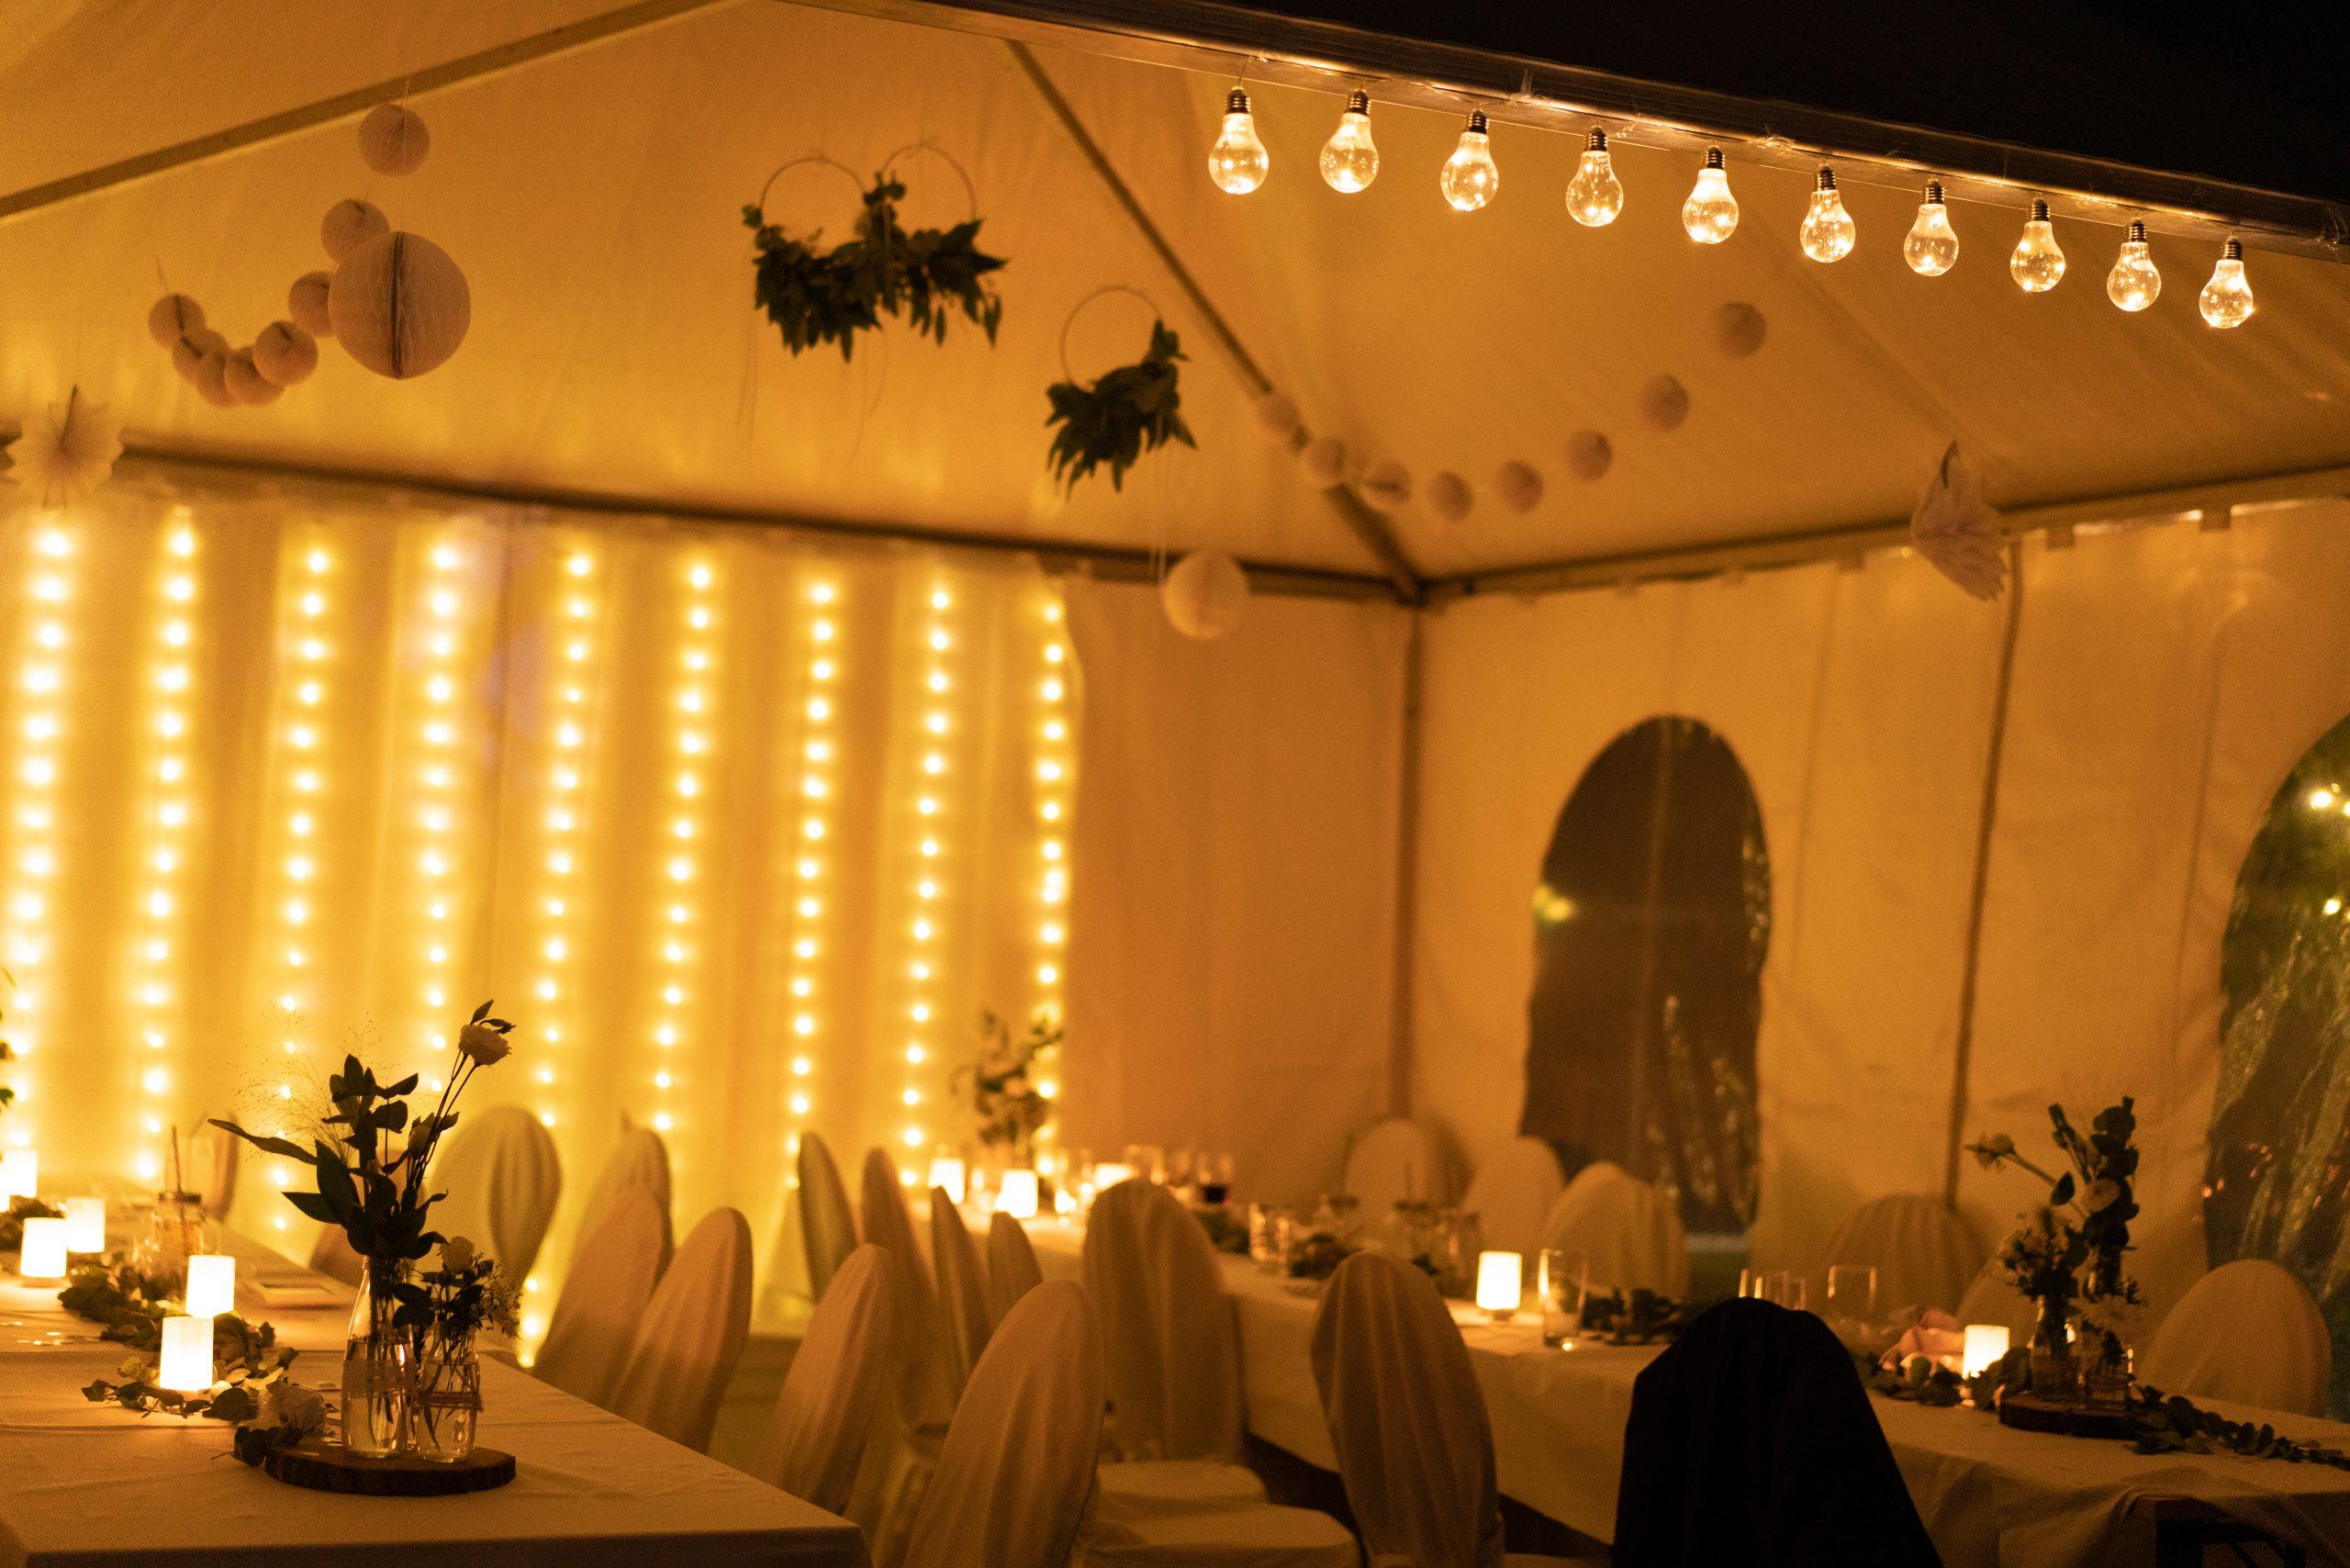 Mit Lichterketten geschmücktes Zelt am Abend auf der Hochzeit